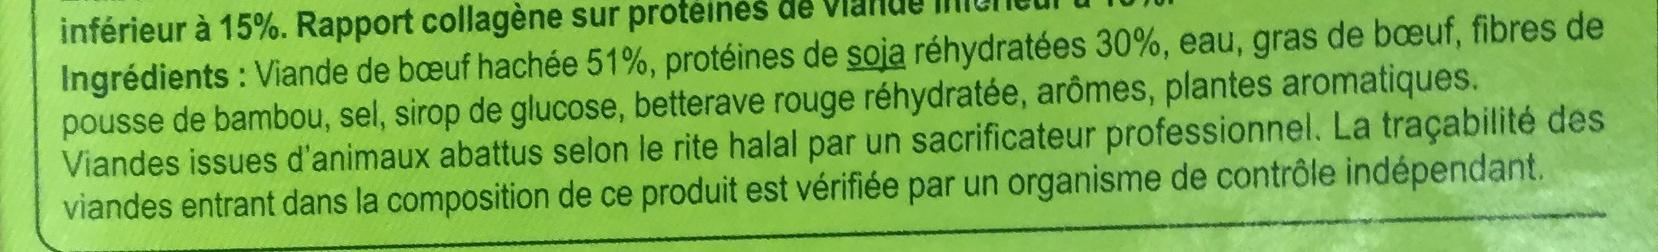 Boulettes au bœuf* - Ingredients